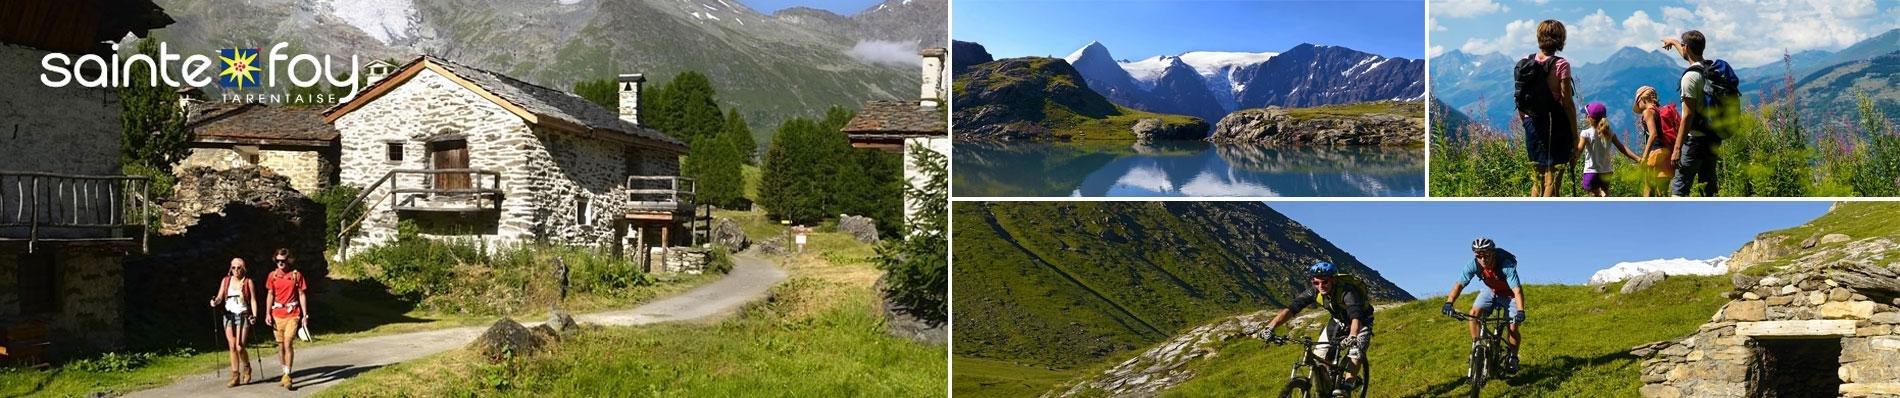 zomer vakantie alpen sainte foy